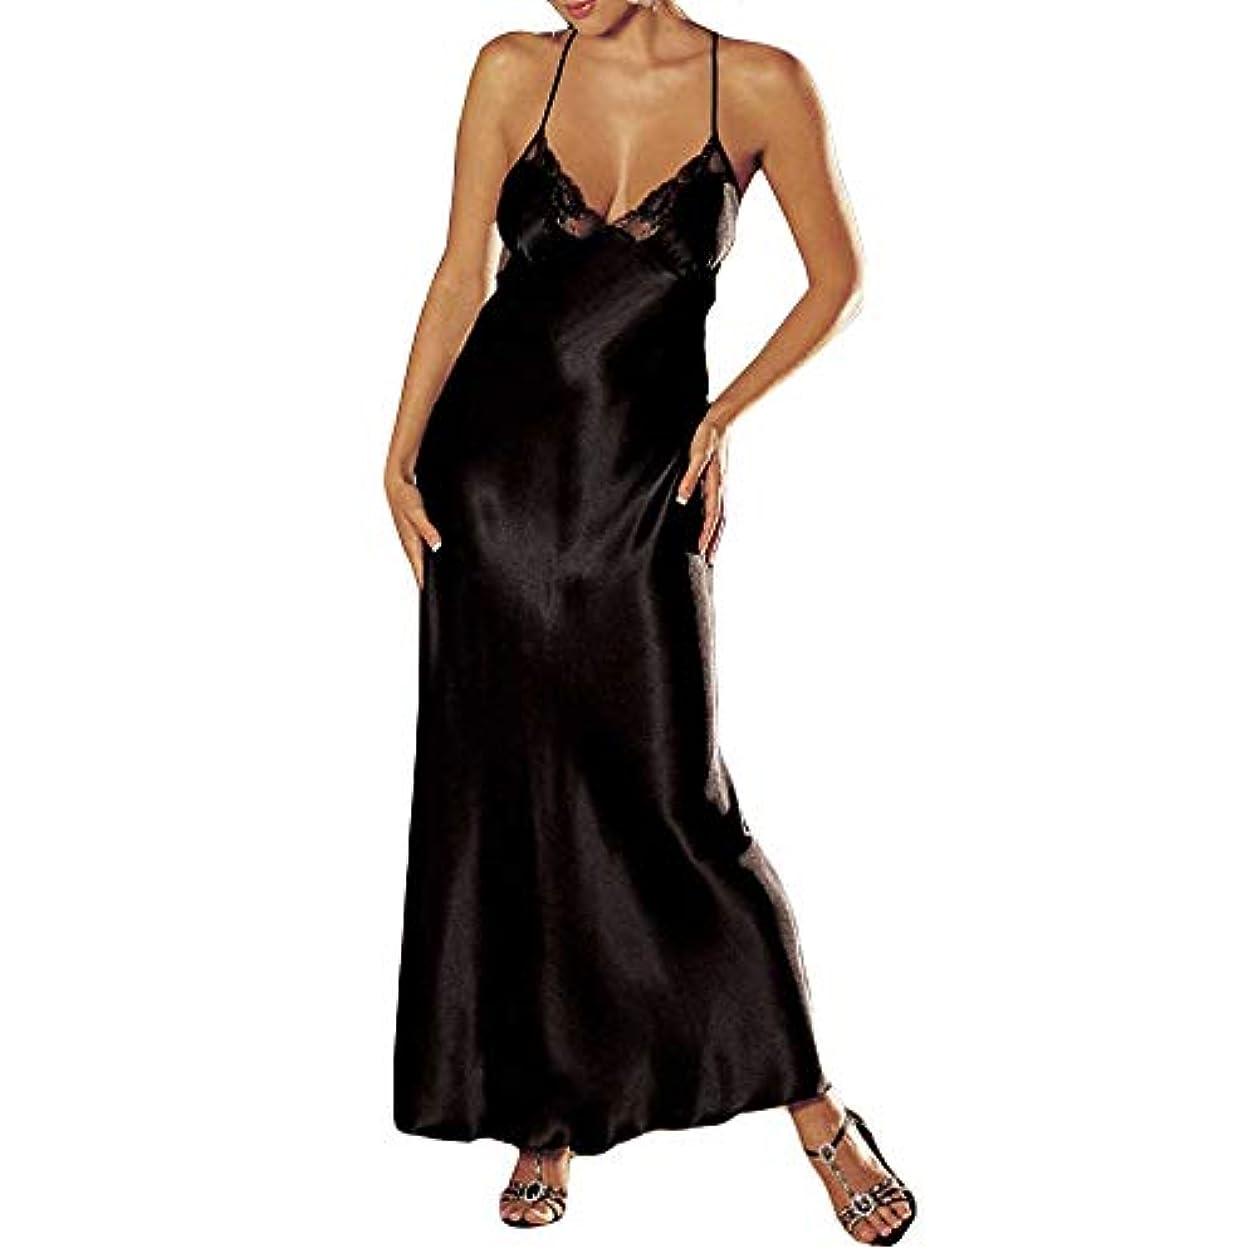 特徴づける十一ボイコット吊りドレス liqiuxiang ウーマン 快適 柔らかい ロングスカート 女性 エレガント 着心地 通気性抜群 パジャマ レディース 上下 花柄 ノースリーブ 高級 襦袢